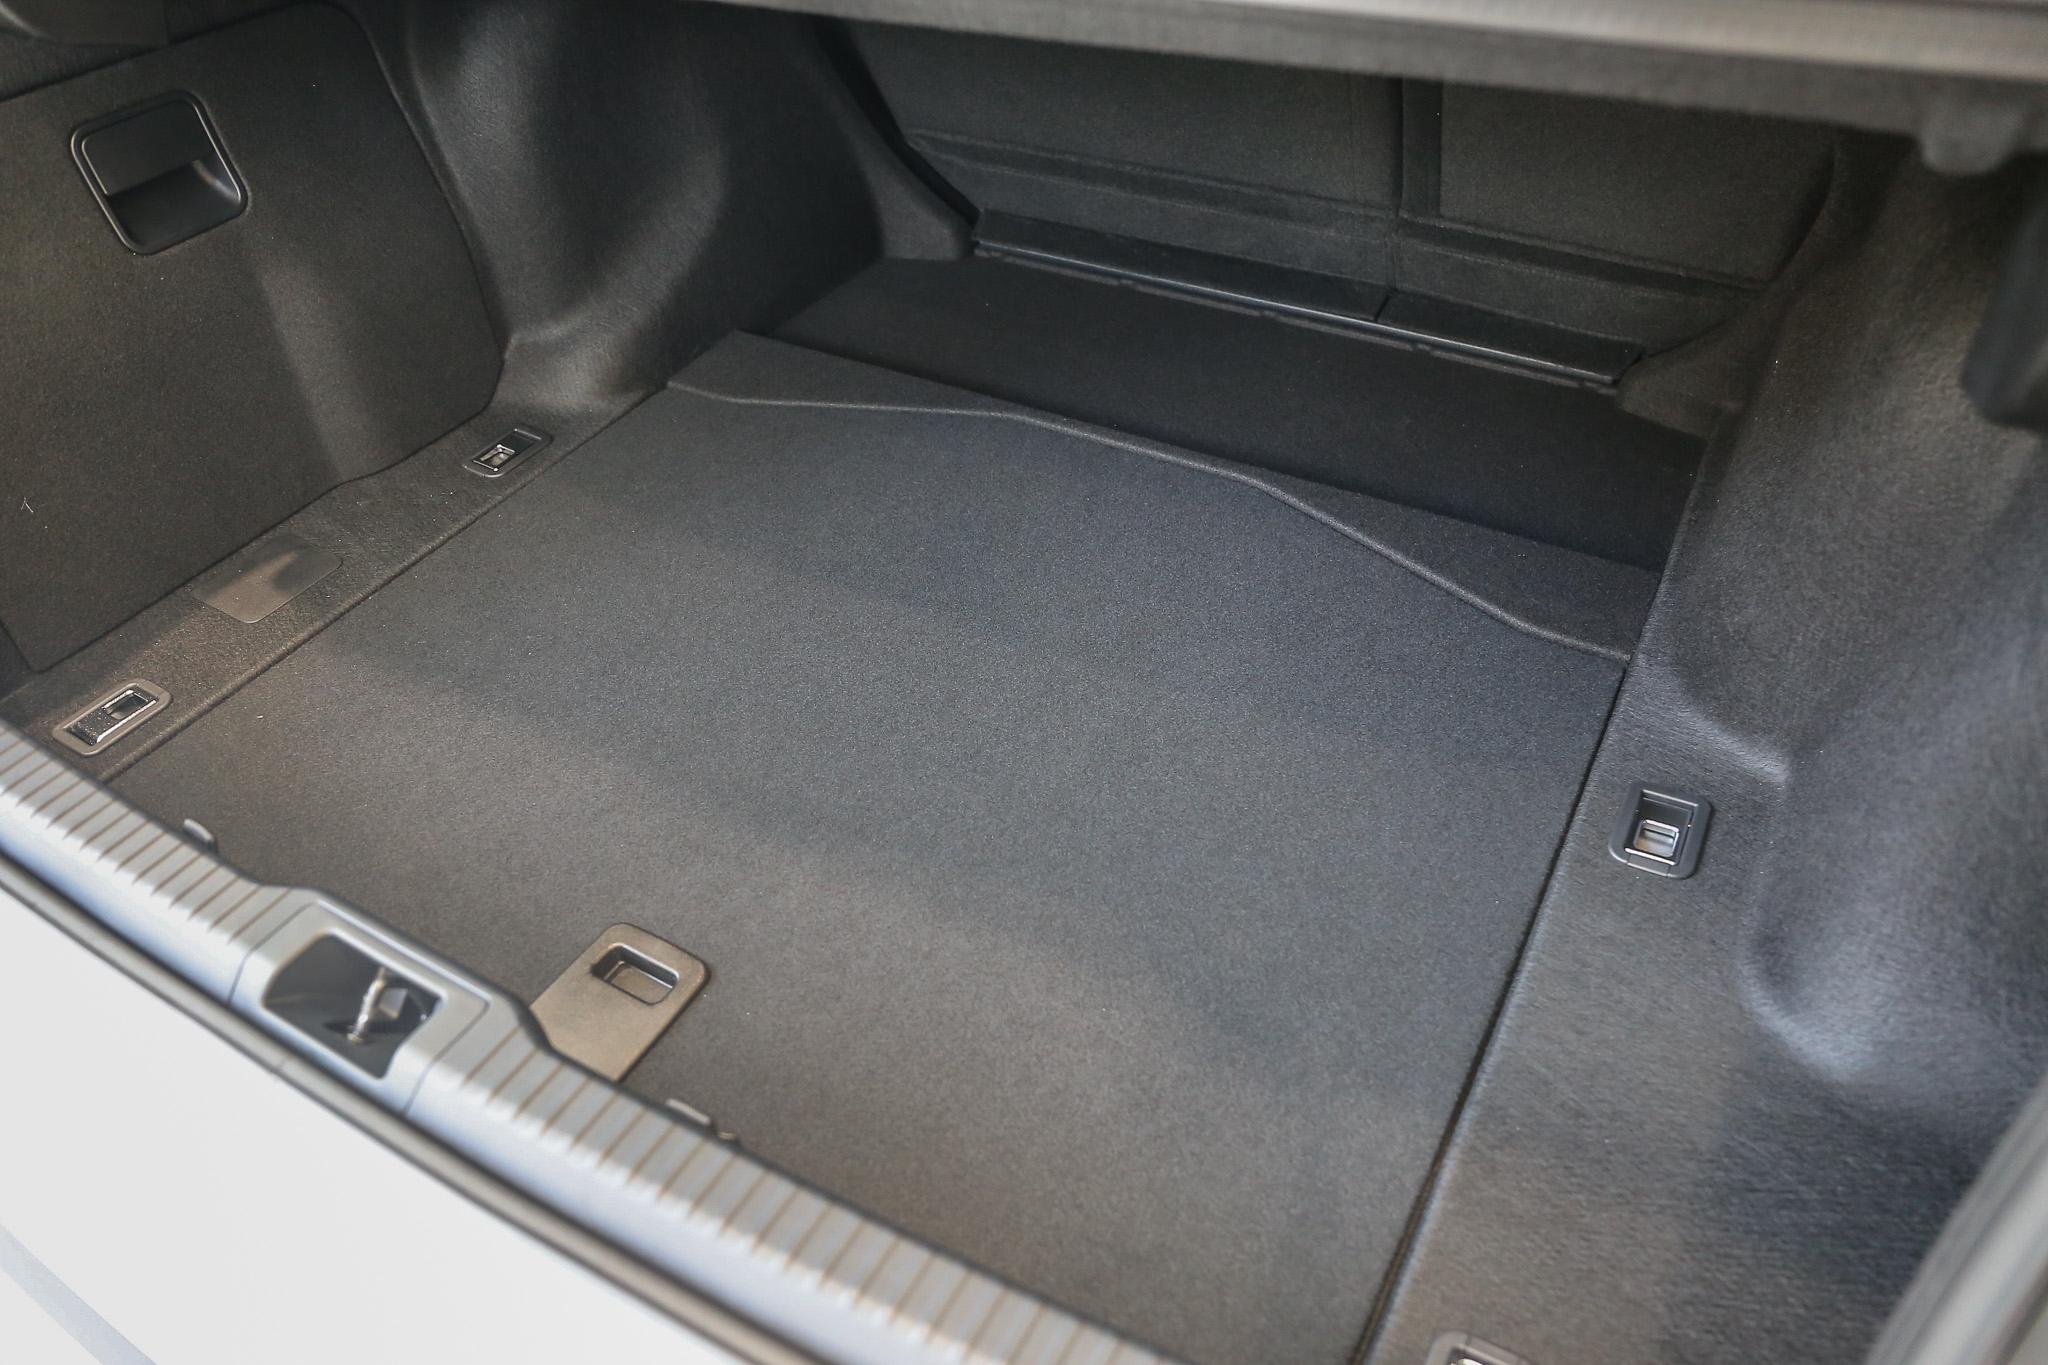 標準乘坐狀態時後廂置物容積為 450 公升。